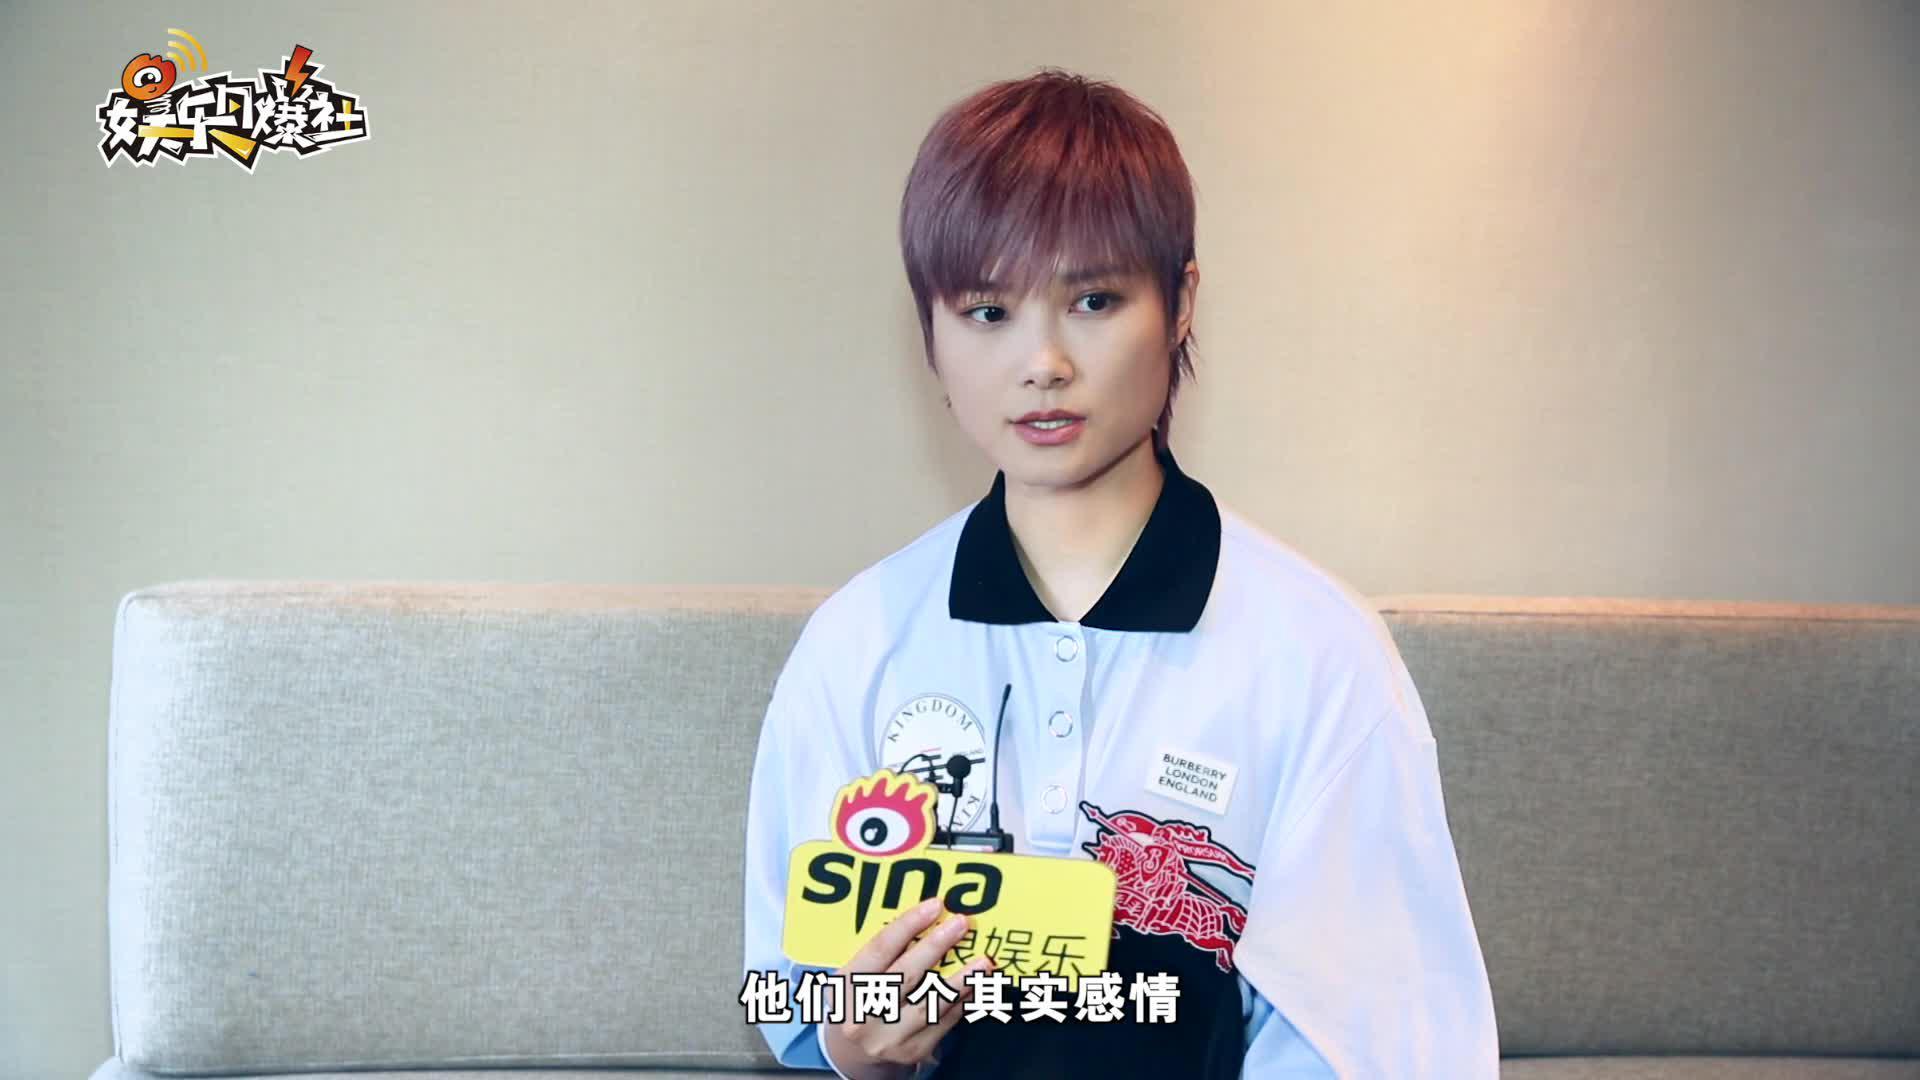 独家对话李宇春揭秘新专辑《哇》幕后故事